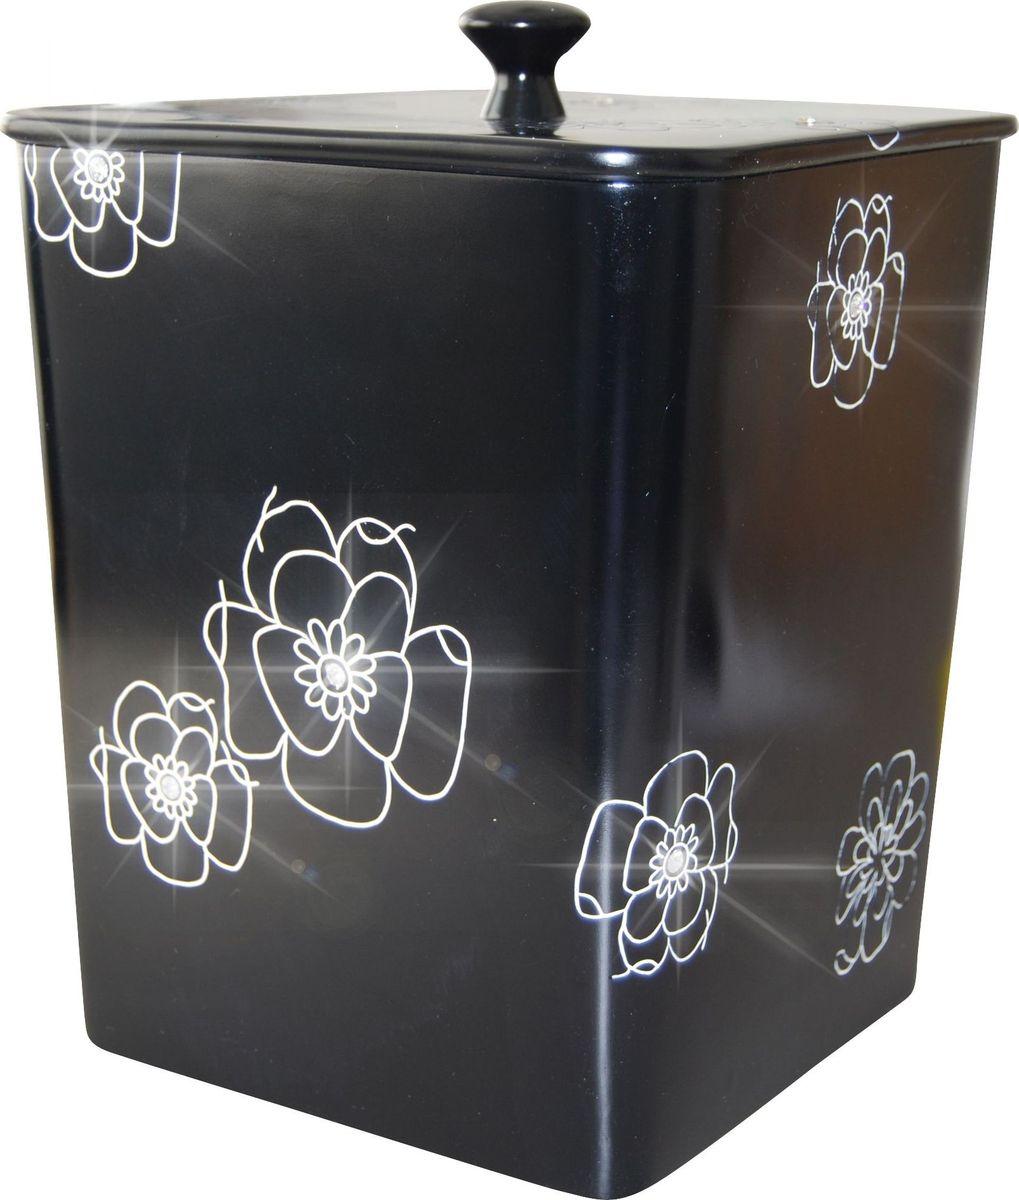 Контейнер для мусора Ridder Diamond, цвет: черный, 8,5 л